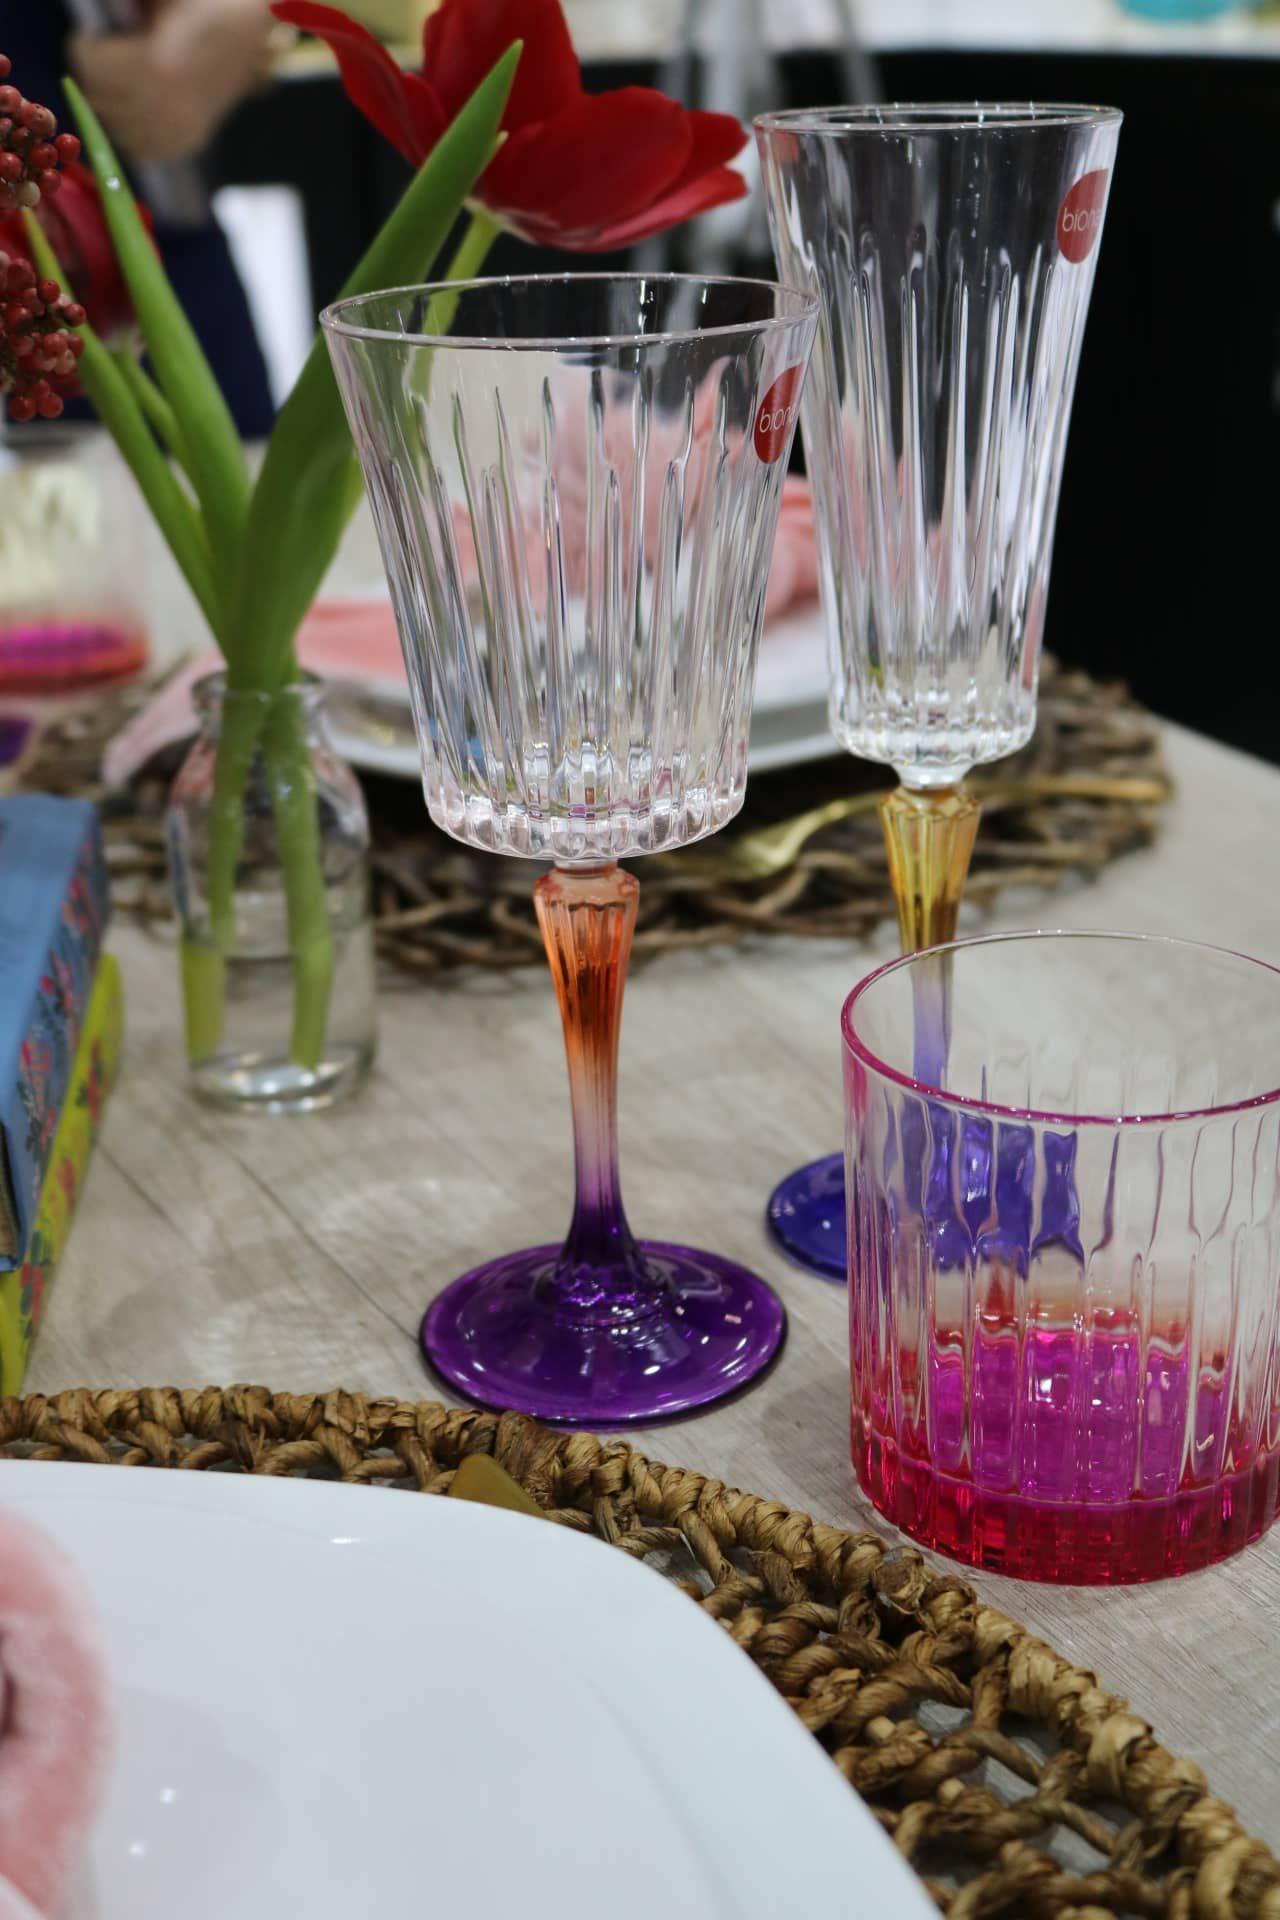 Imagem: Com tonalidades intensas e design atual, as taças para vinho e espumante, assim como o copo para água, são da Biona e podem ser encontrados em lojas de todo país. Foto: Lorena Baroni Bosio.